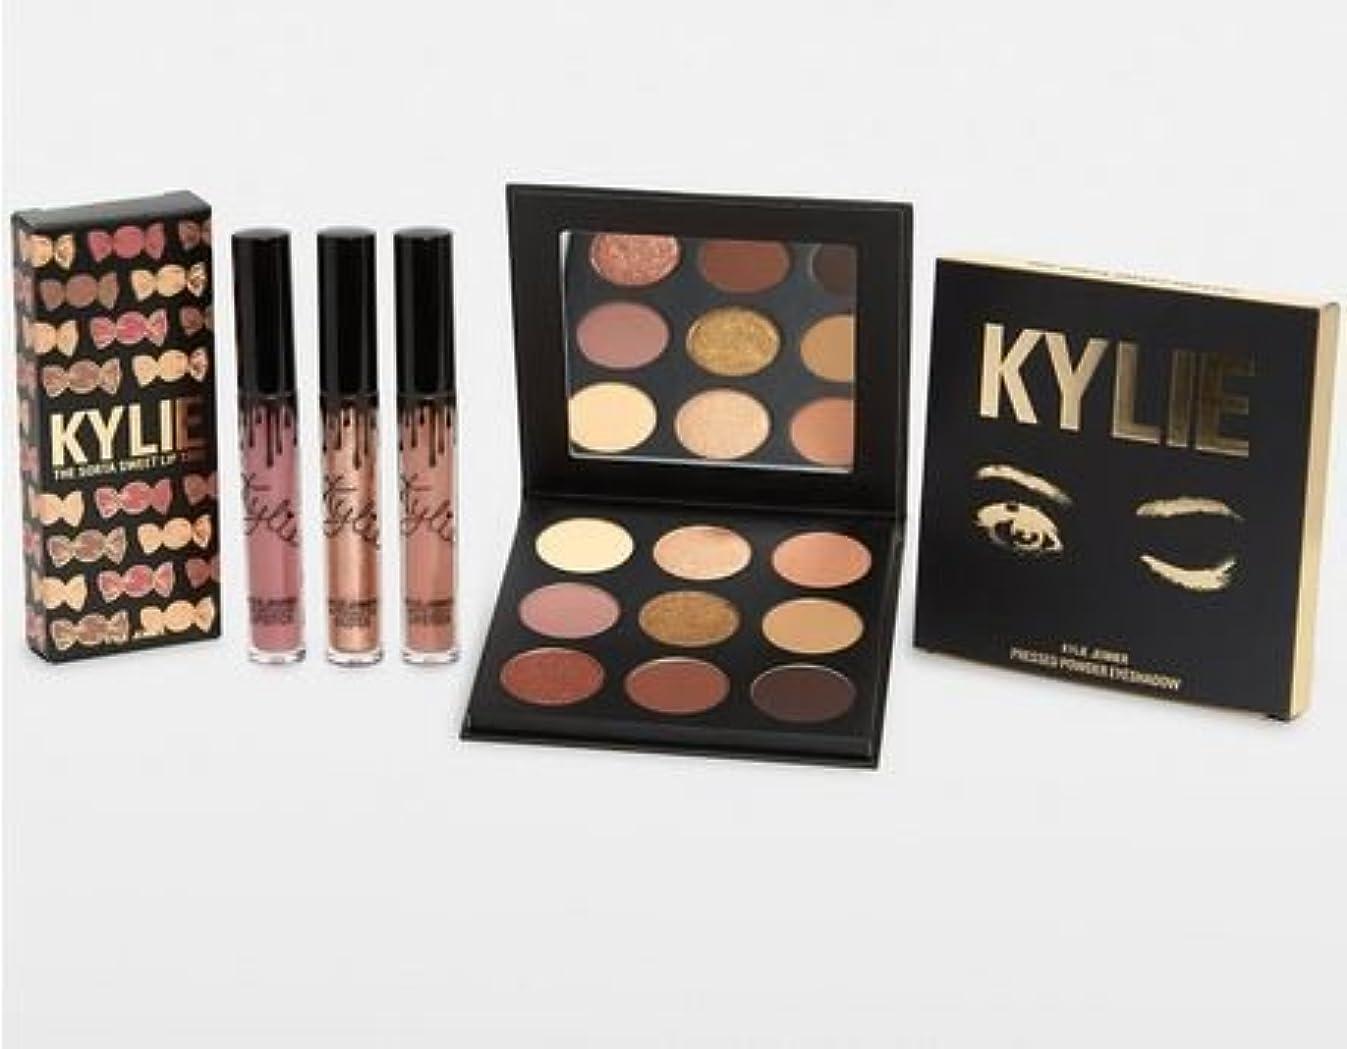 ホールドもっと等価Kylie Cosmetics The Sorta Sweet Bundle シャドウパレットとリップのセット